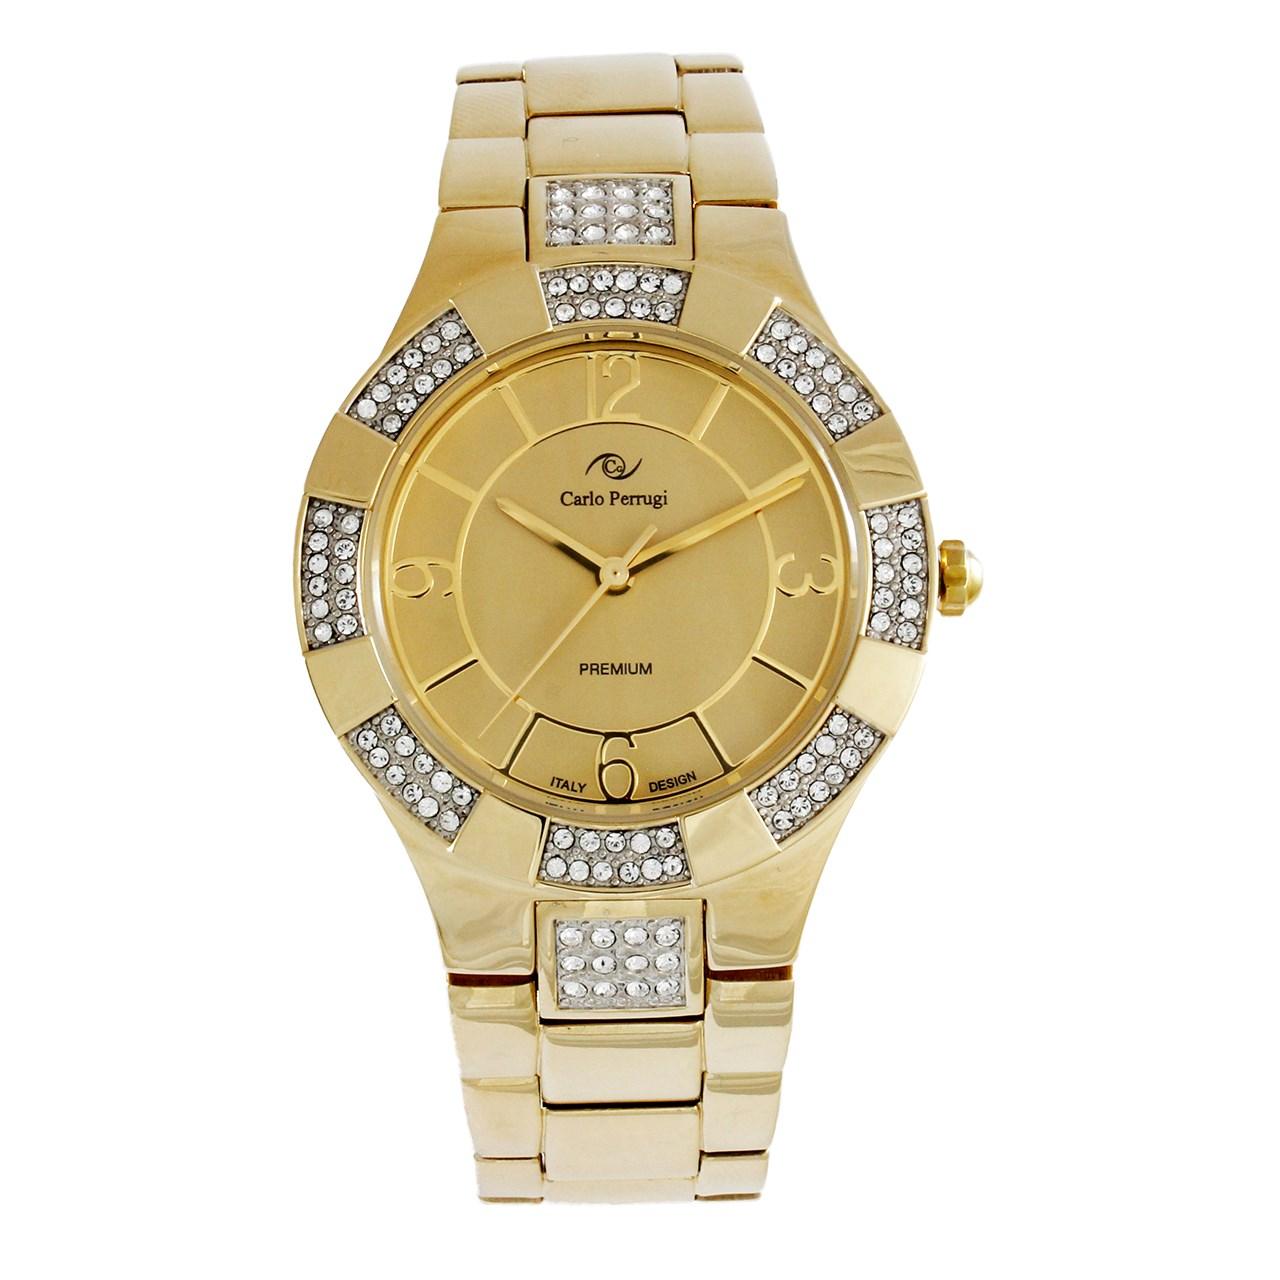 خرید ساعت مچی عقربه ای زنانه کارلو پروجی مدل SL2020-2